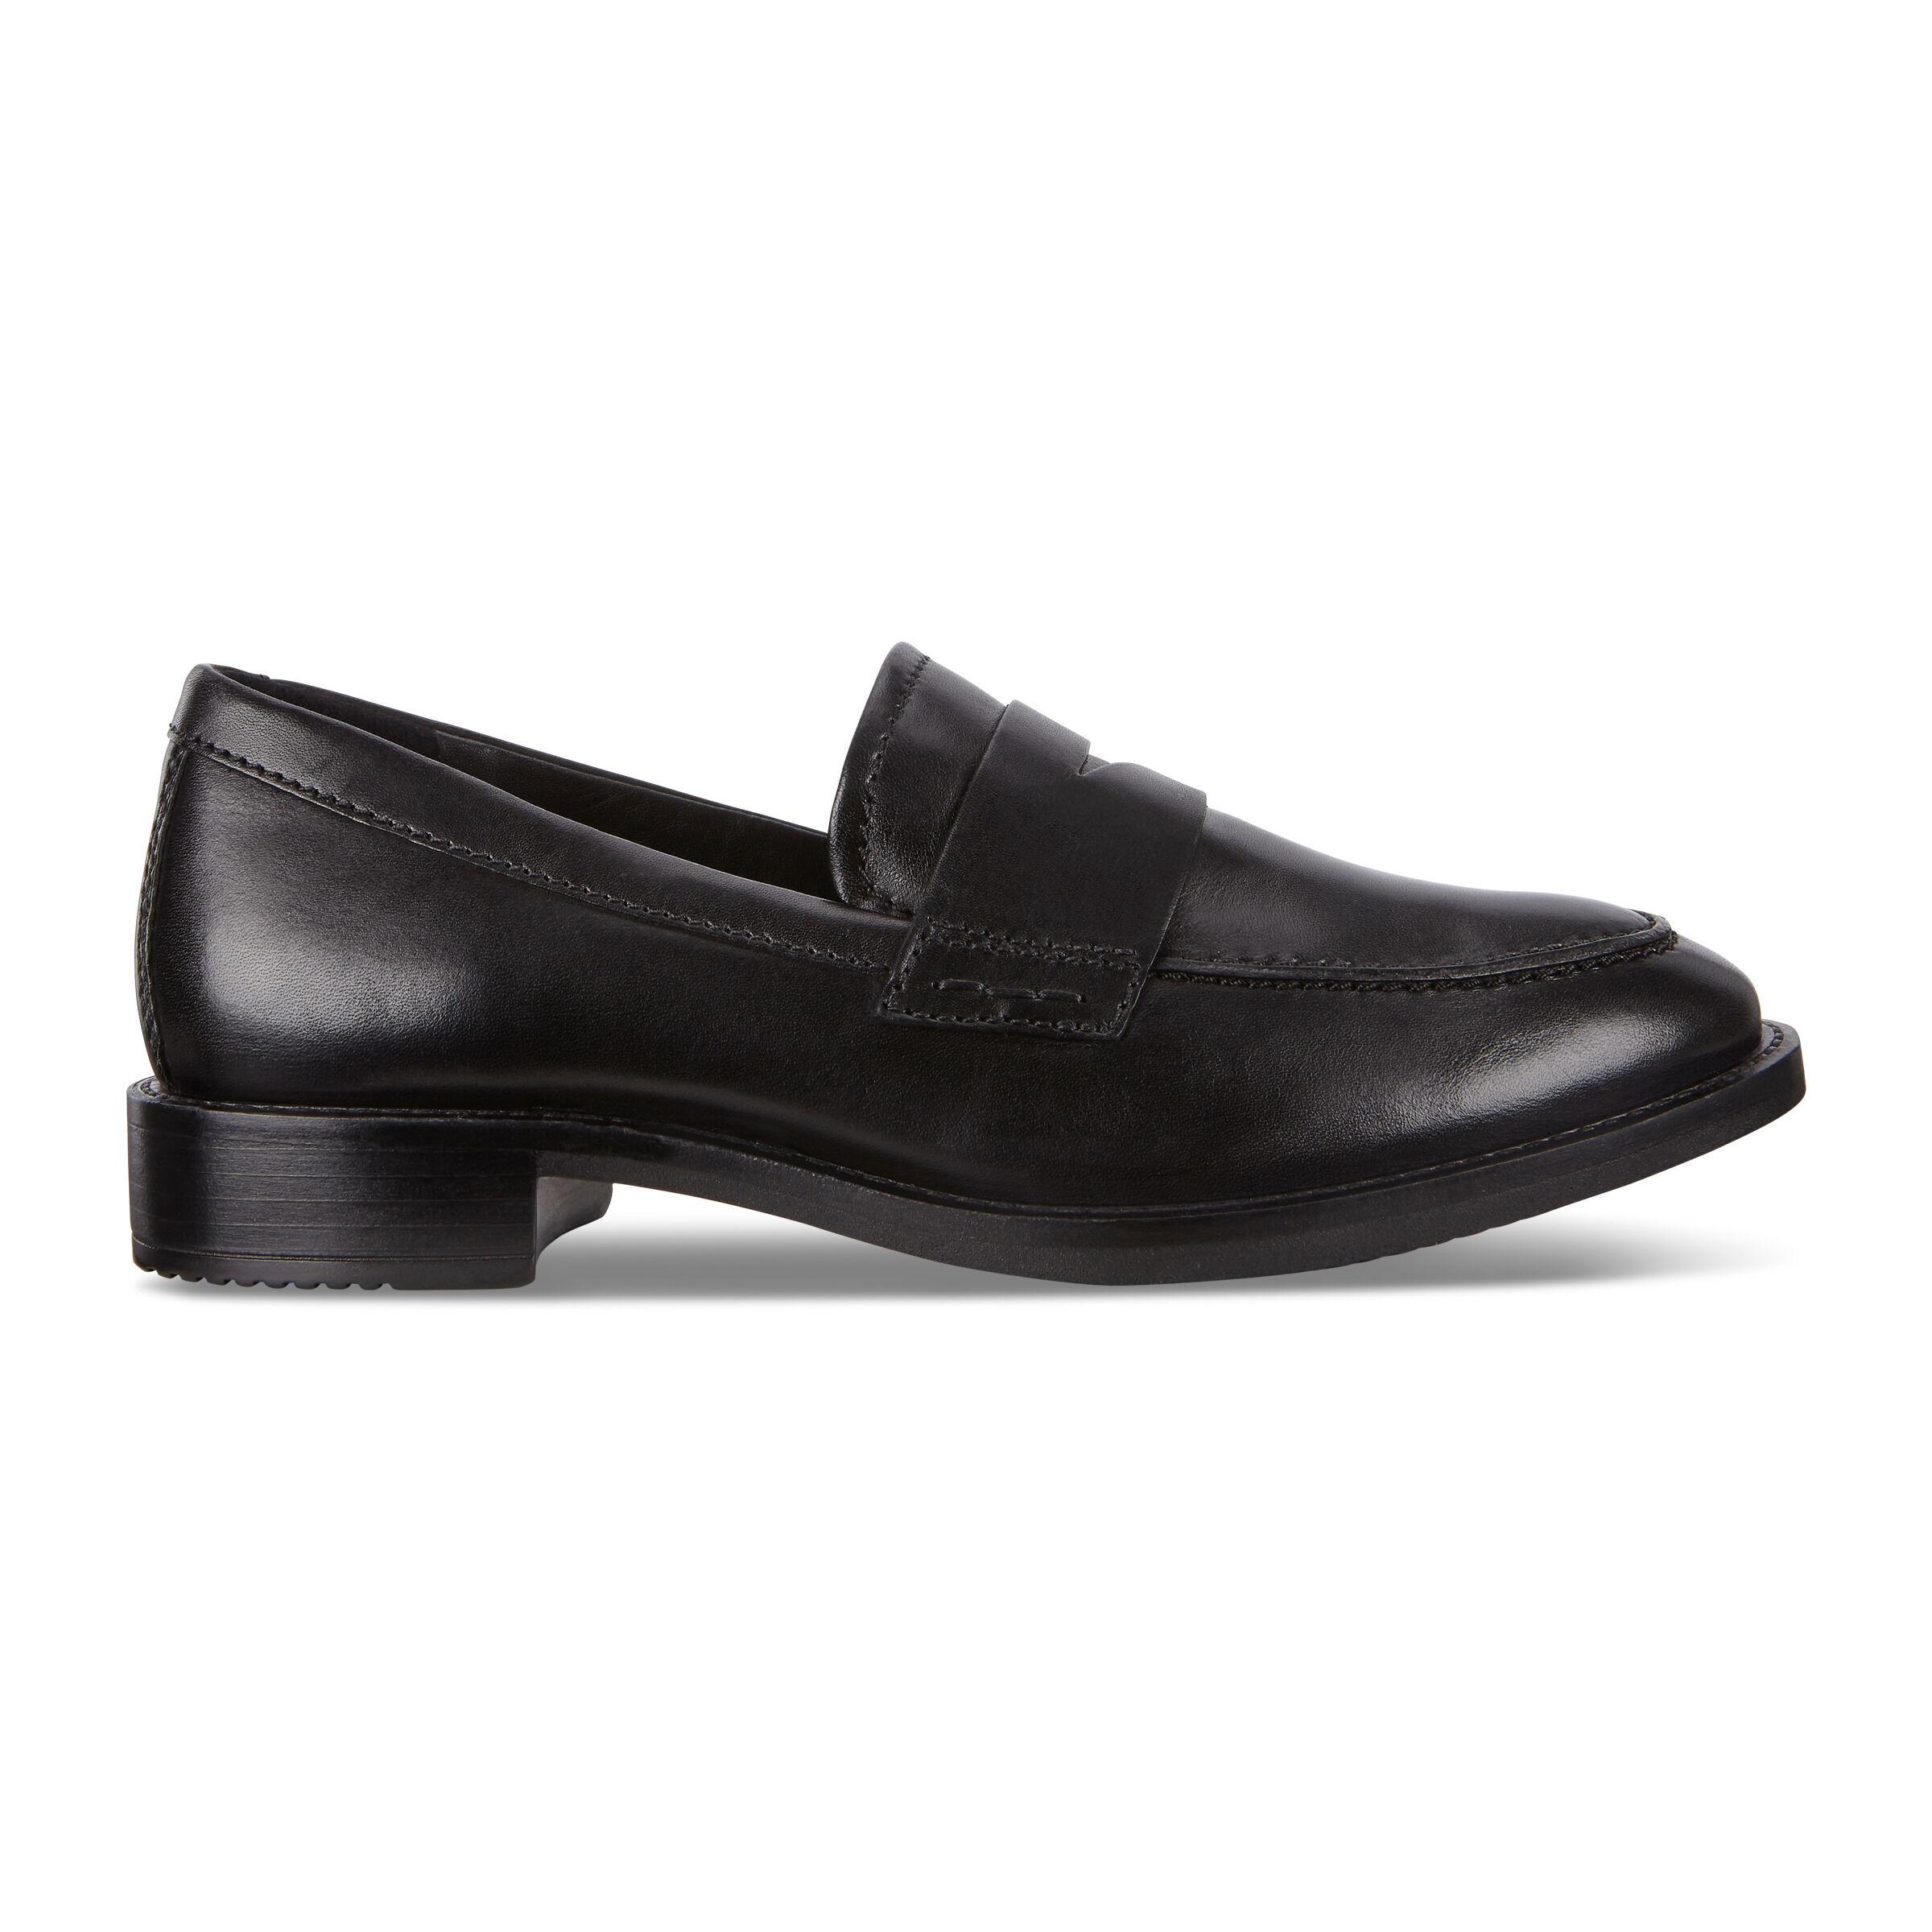 ECCO Sartorelle 25 Womens Loafer